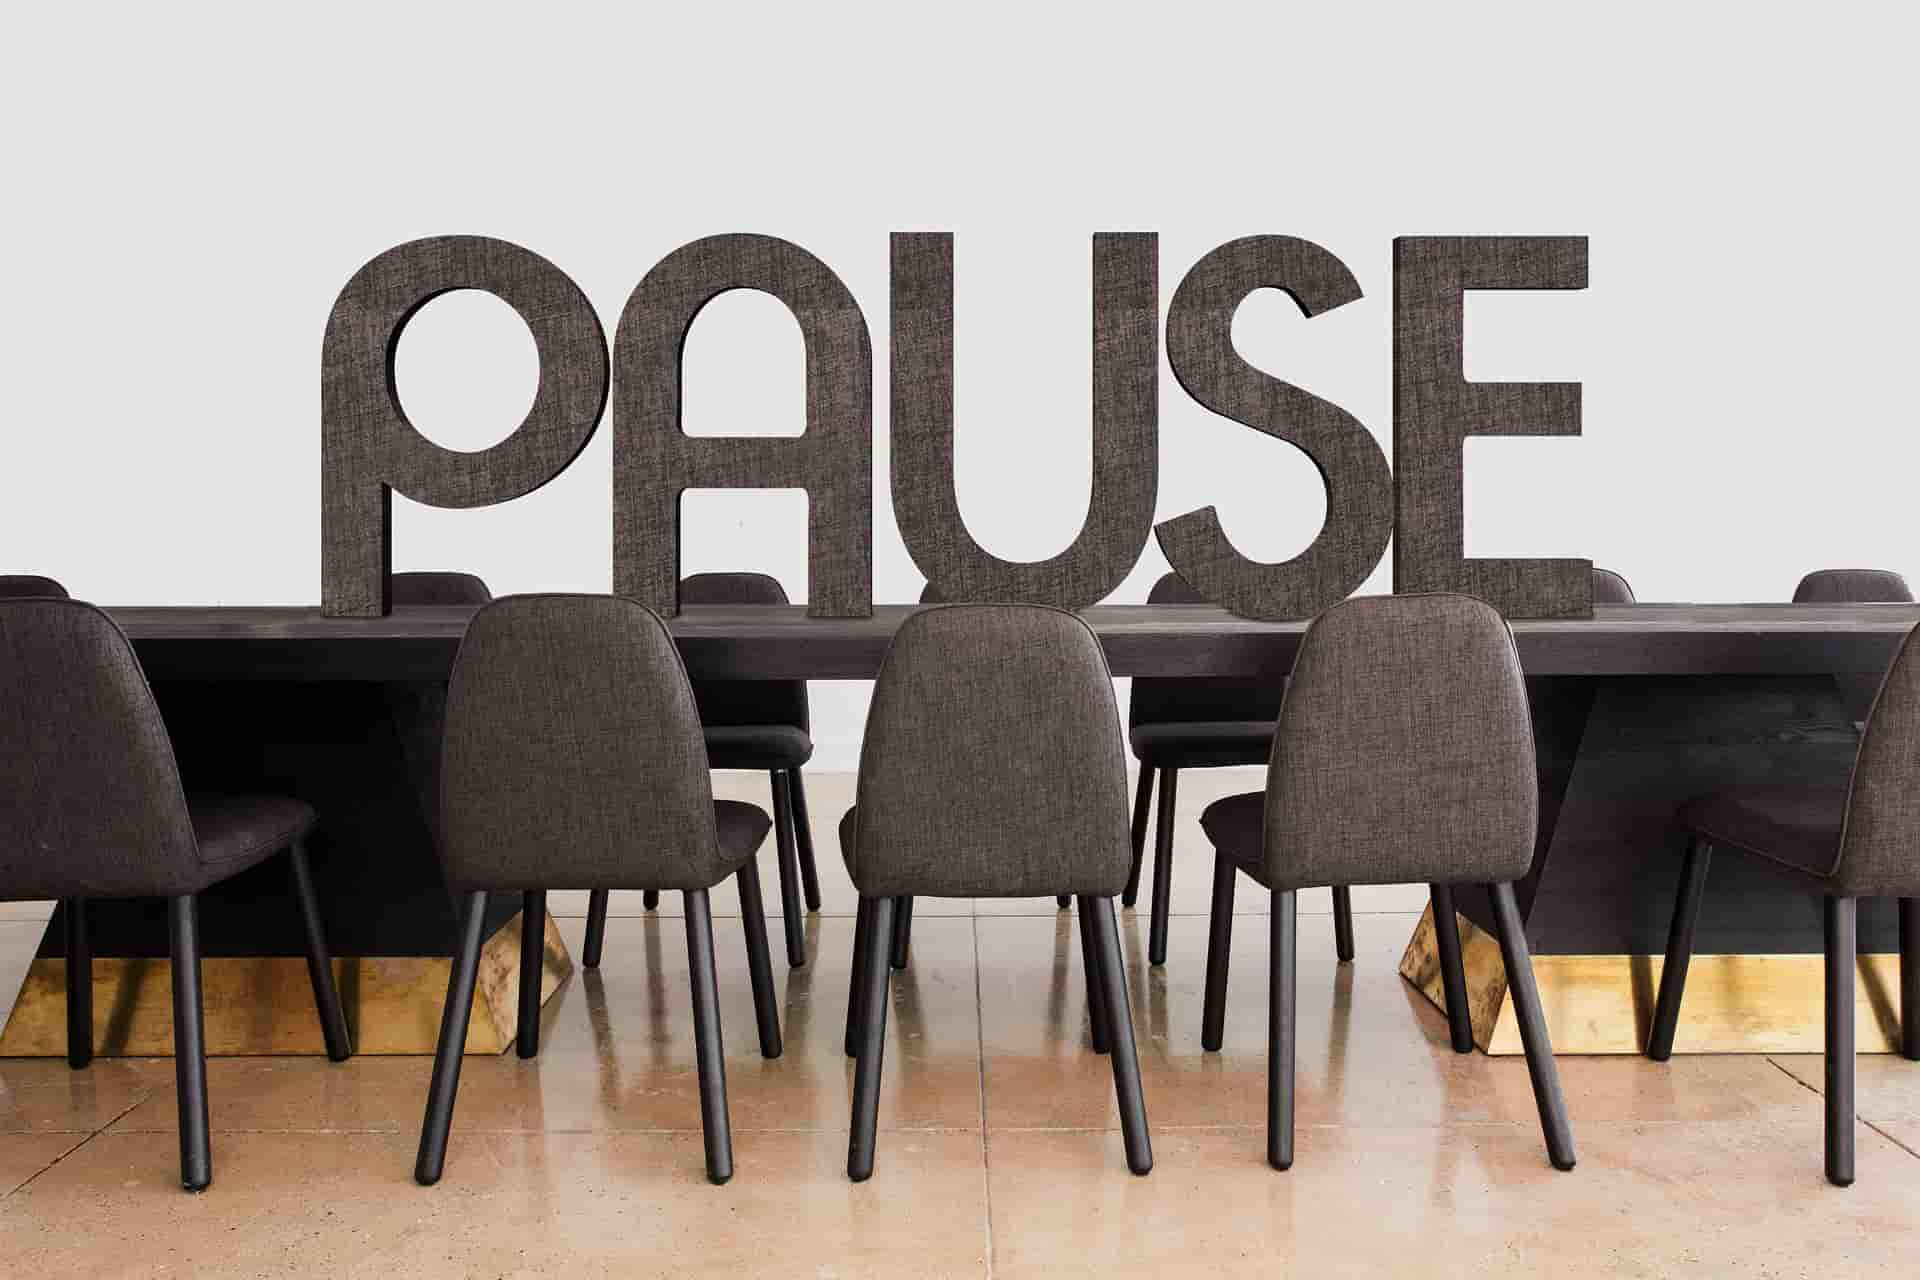 גישור עסקי | גישור עסקים פעילים | גישור דיני עבודה | גישור ובוררות